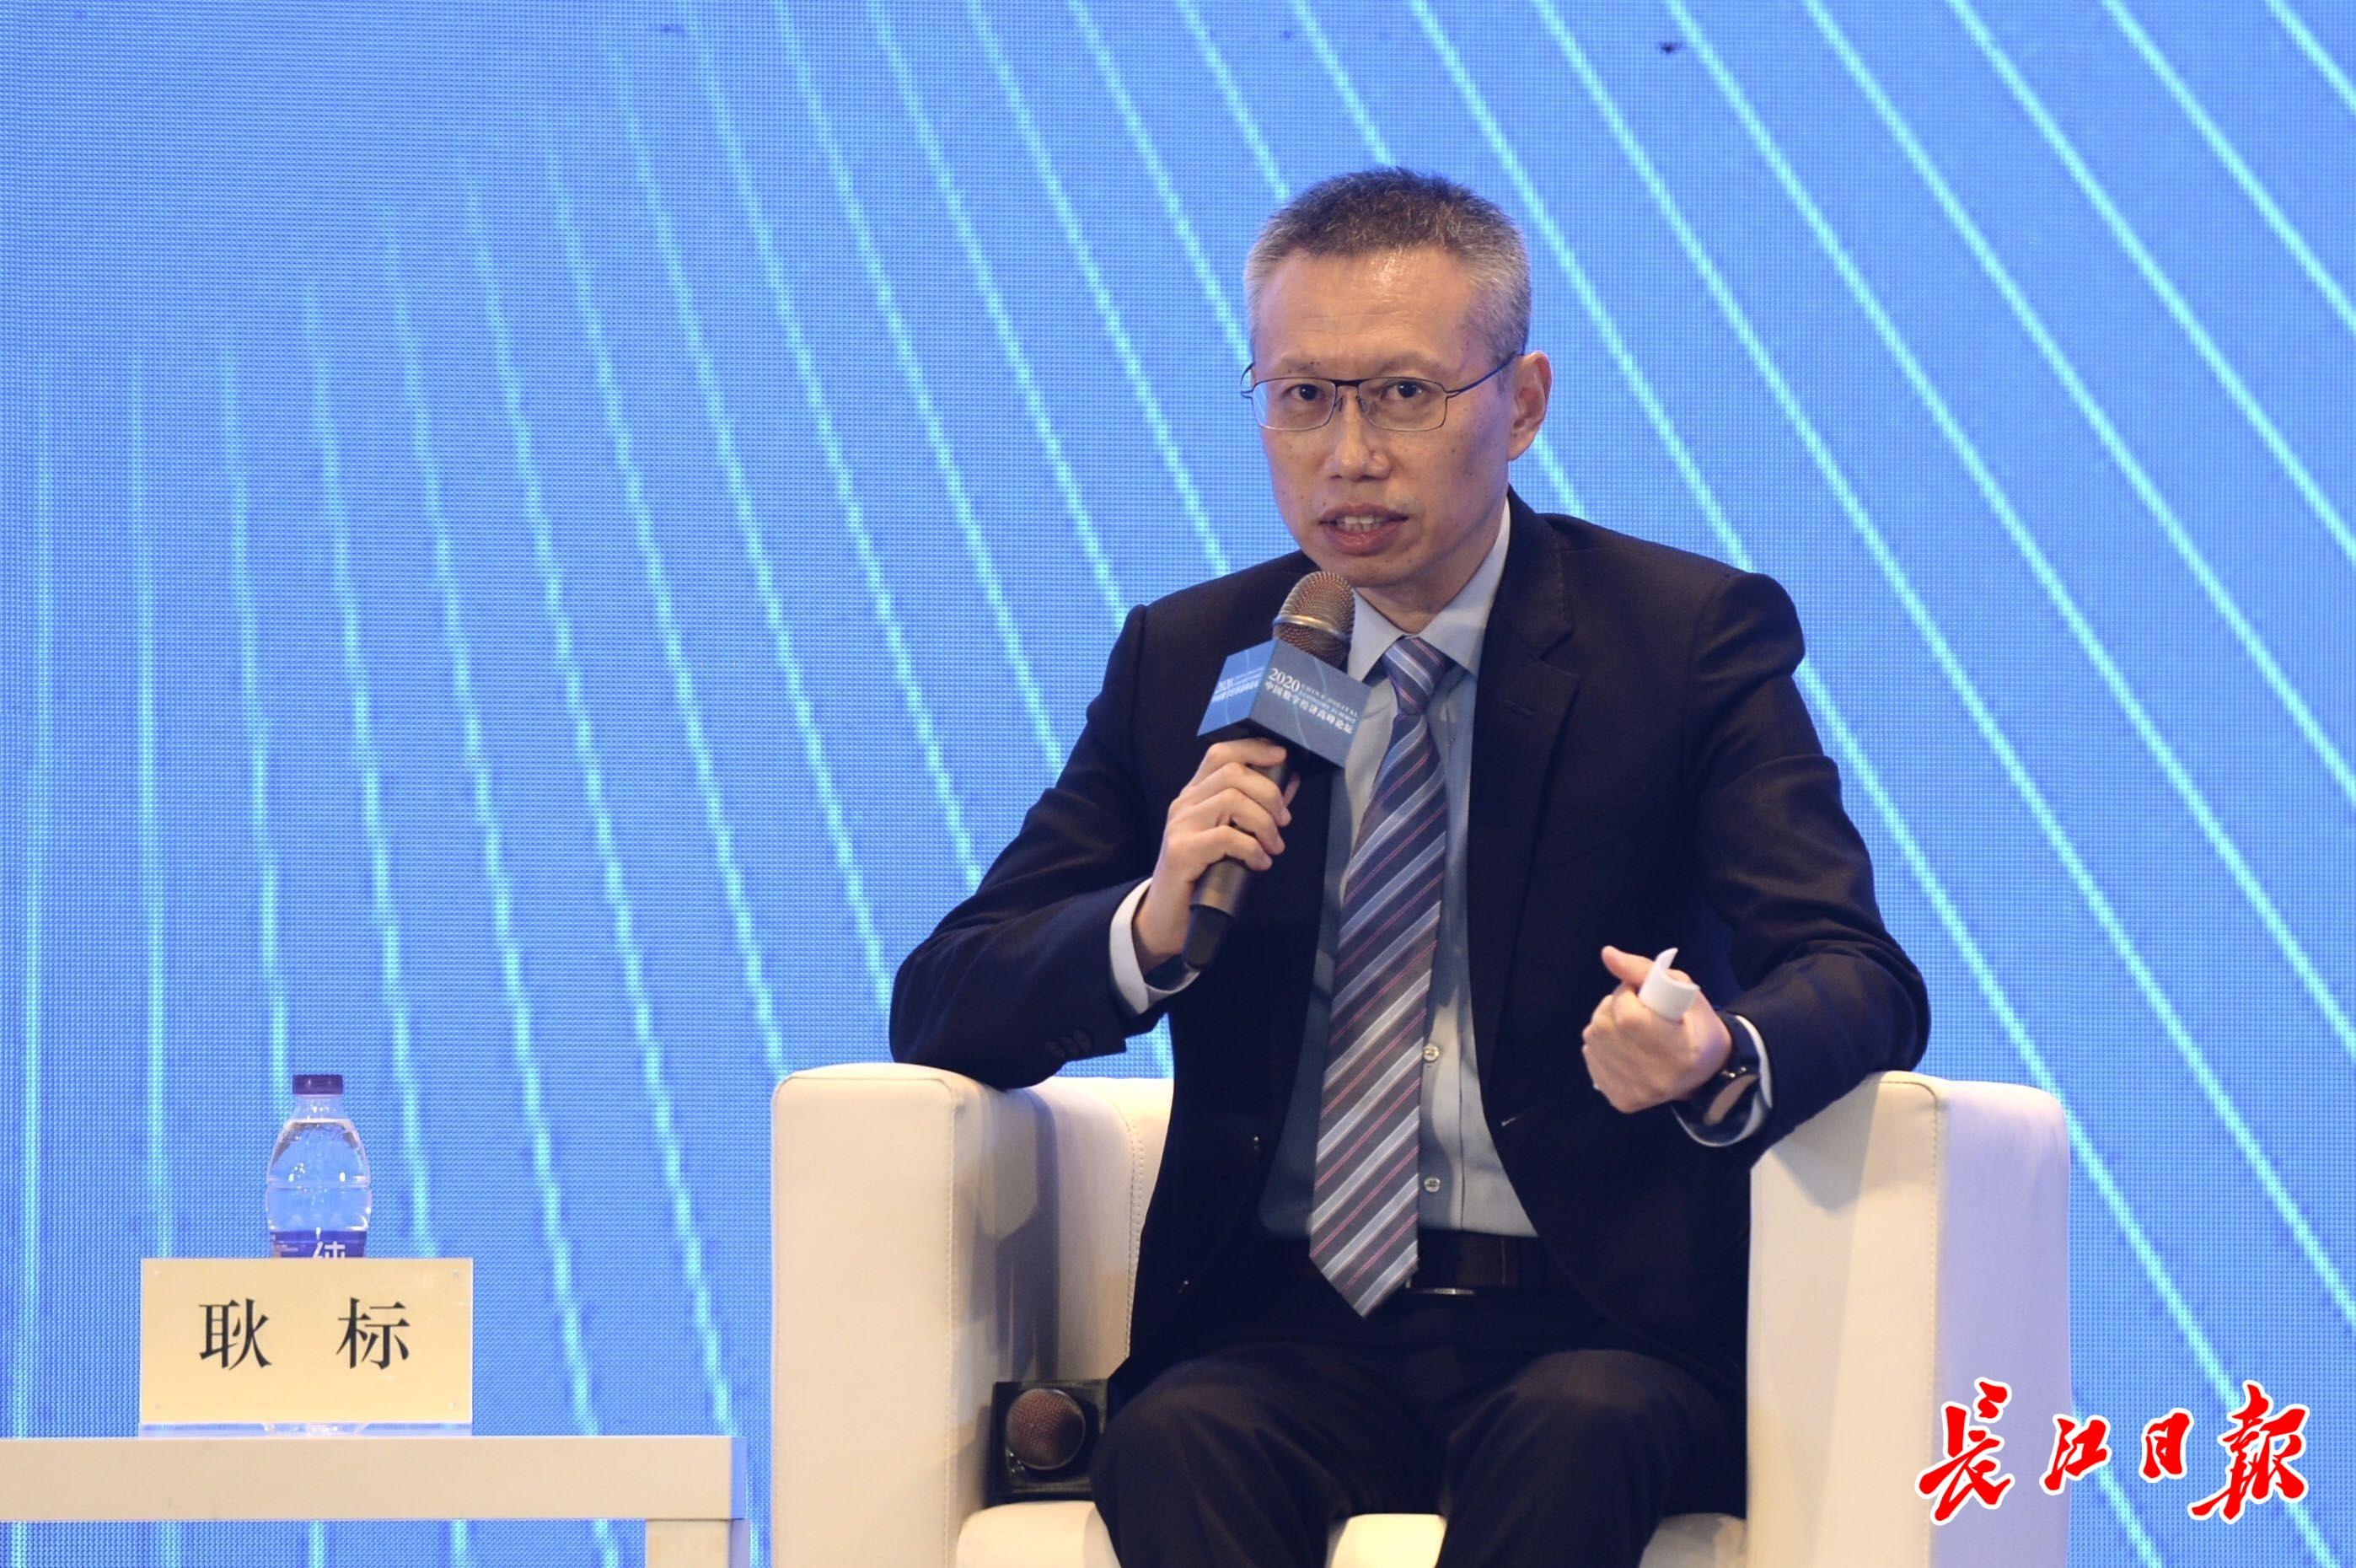 武汉佰钧成技术有限责任公司董事长耿标:第三态的营造对武汉有独特价值